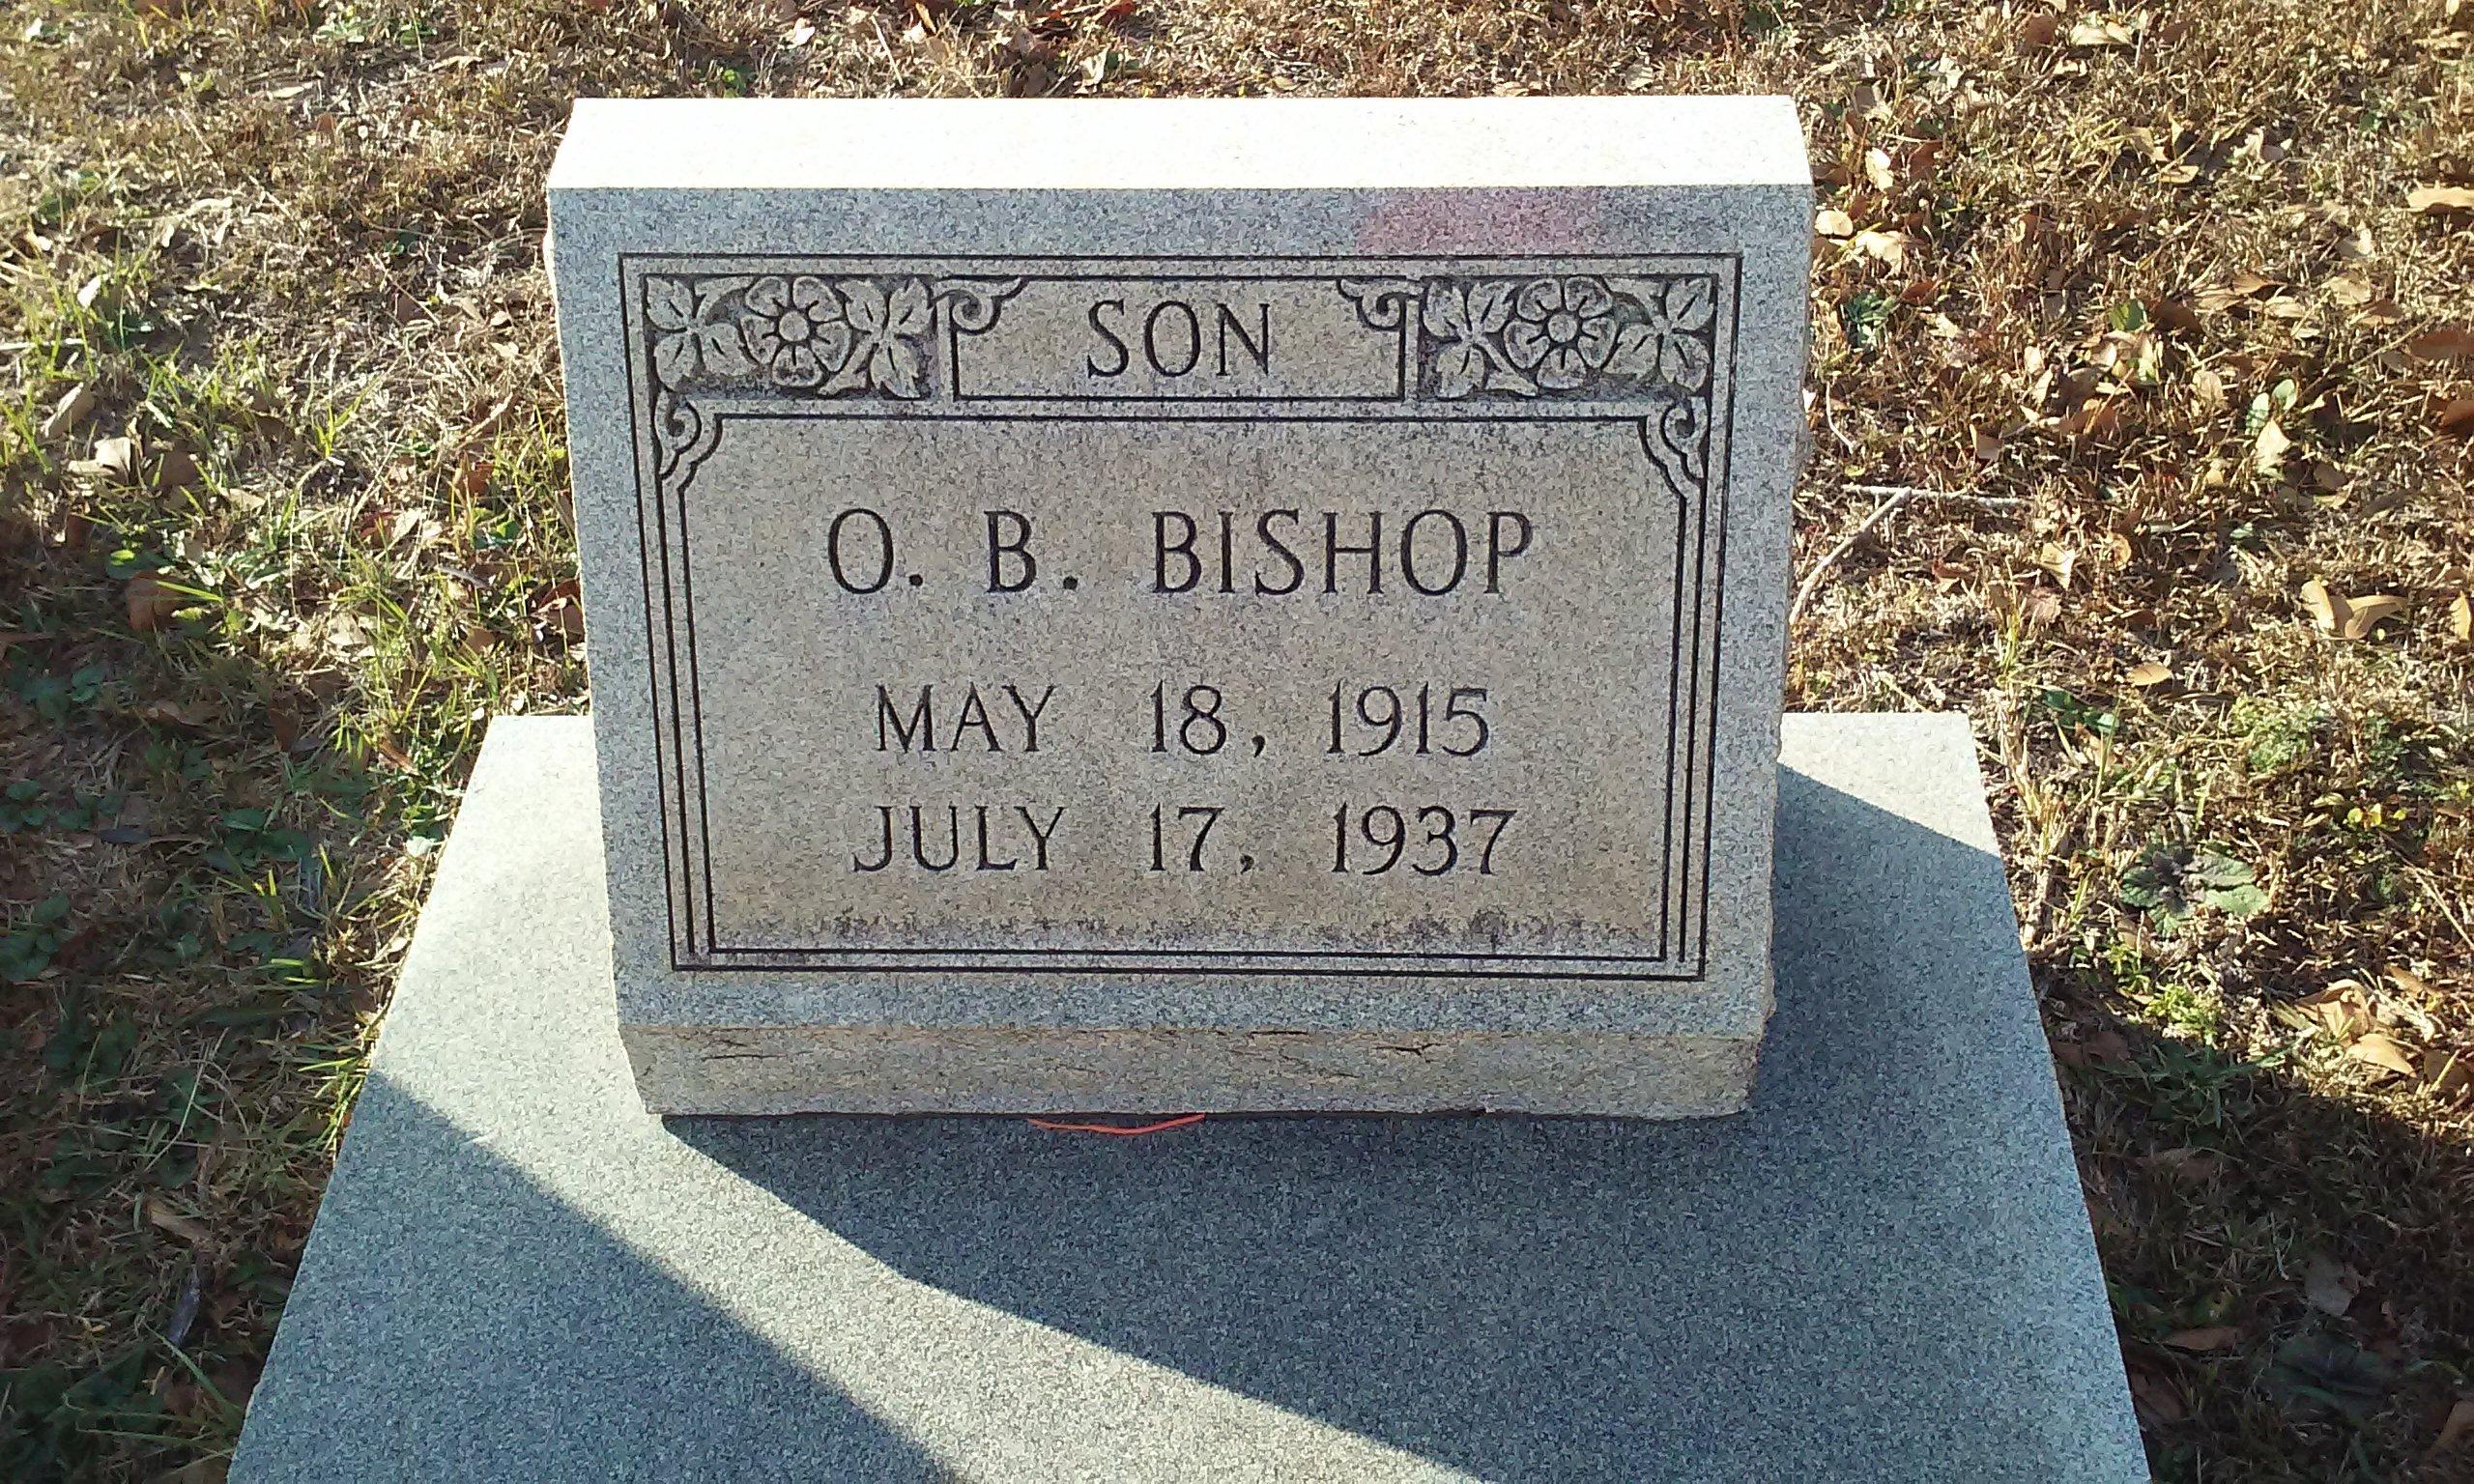 Orville B. Bishop